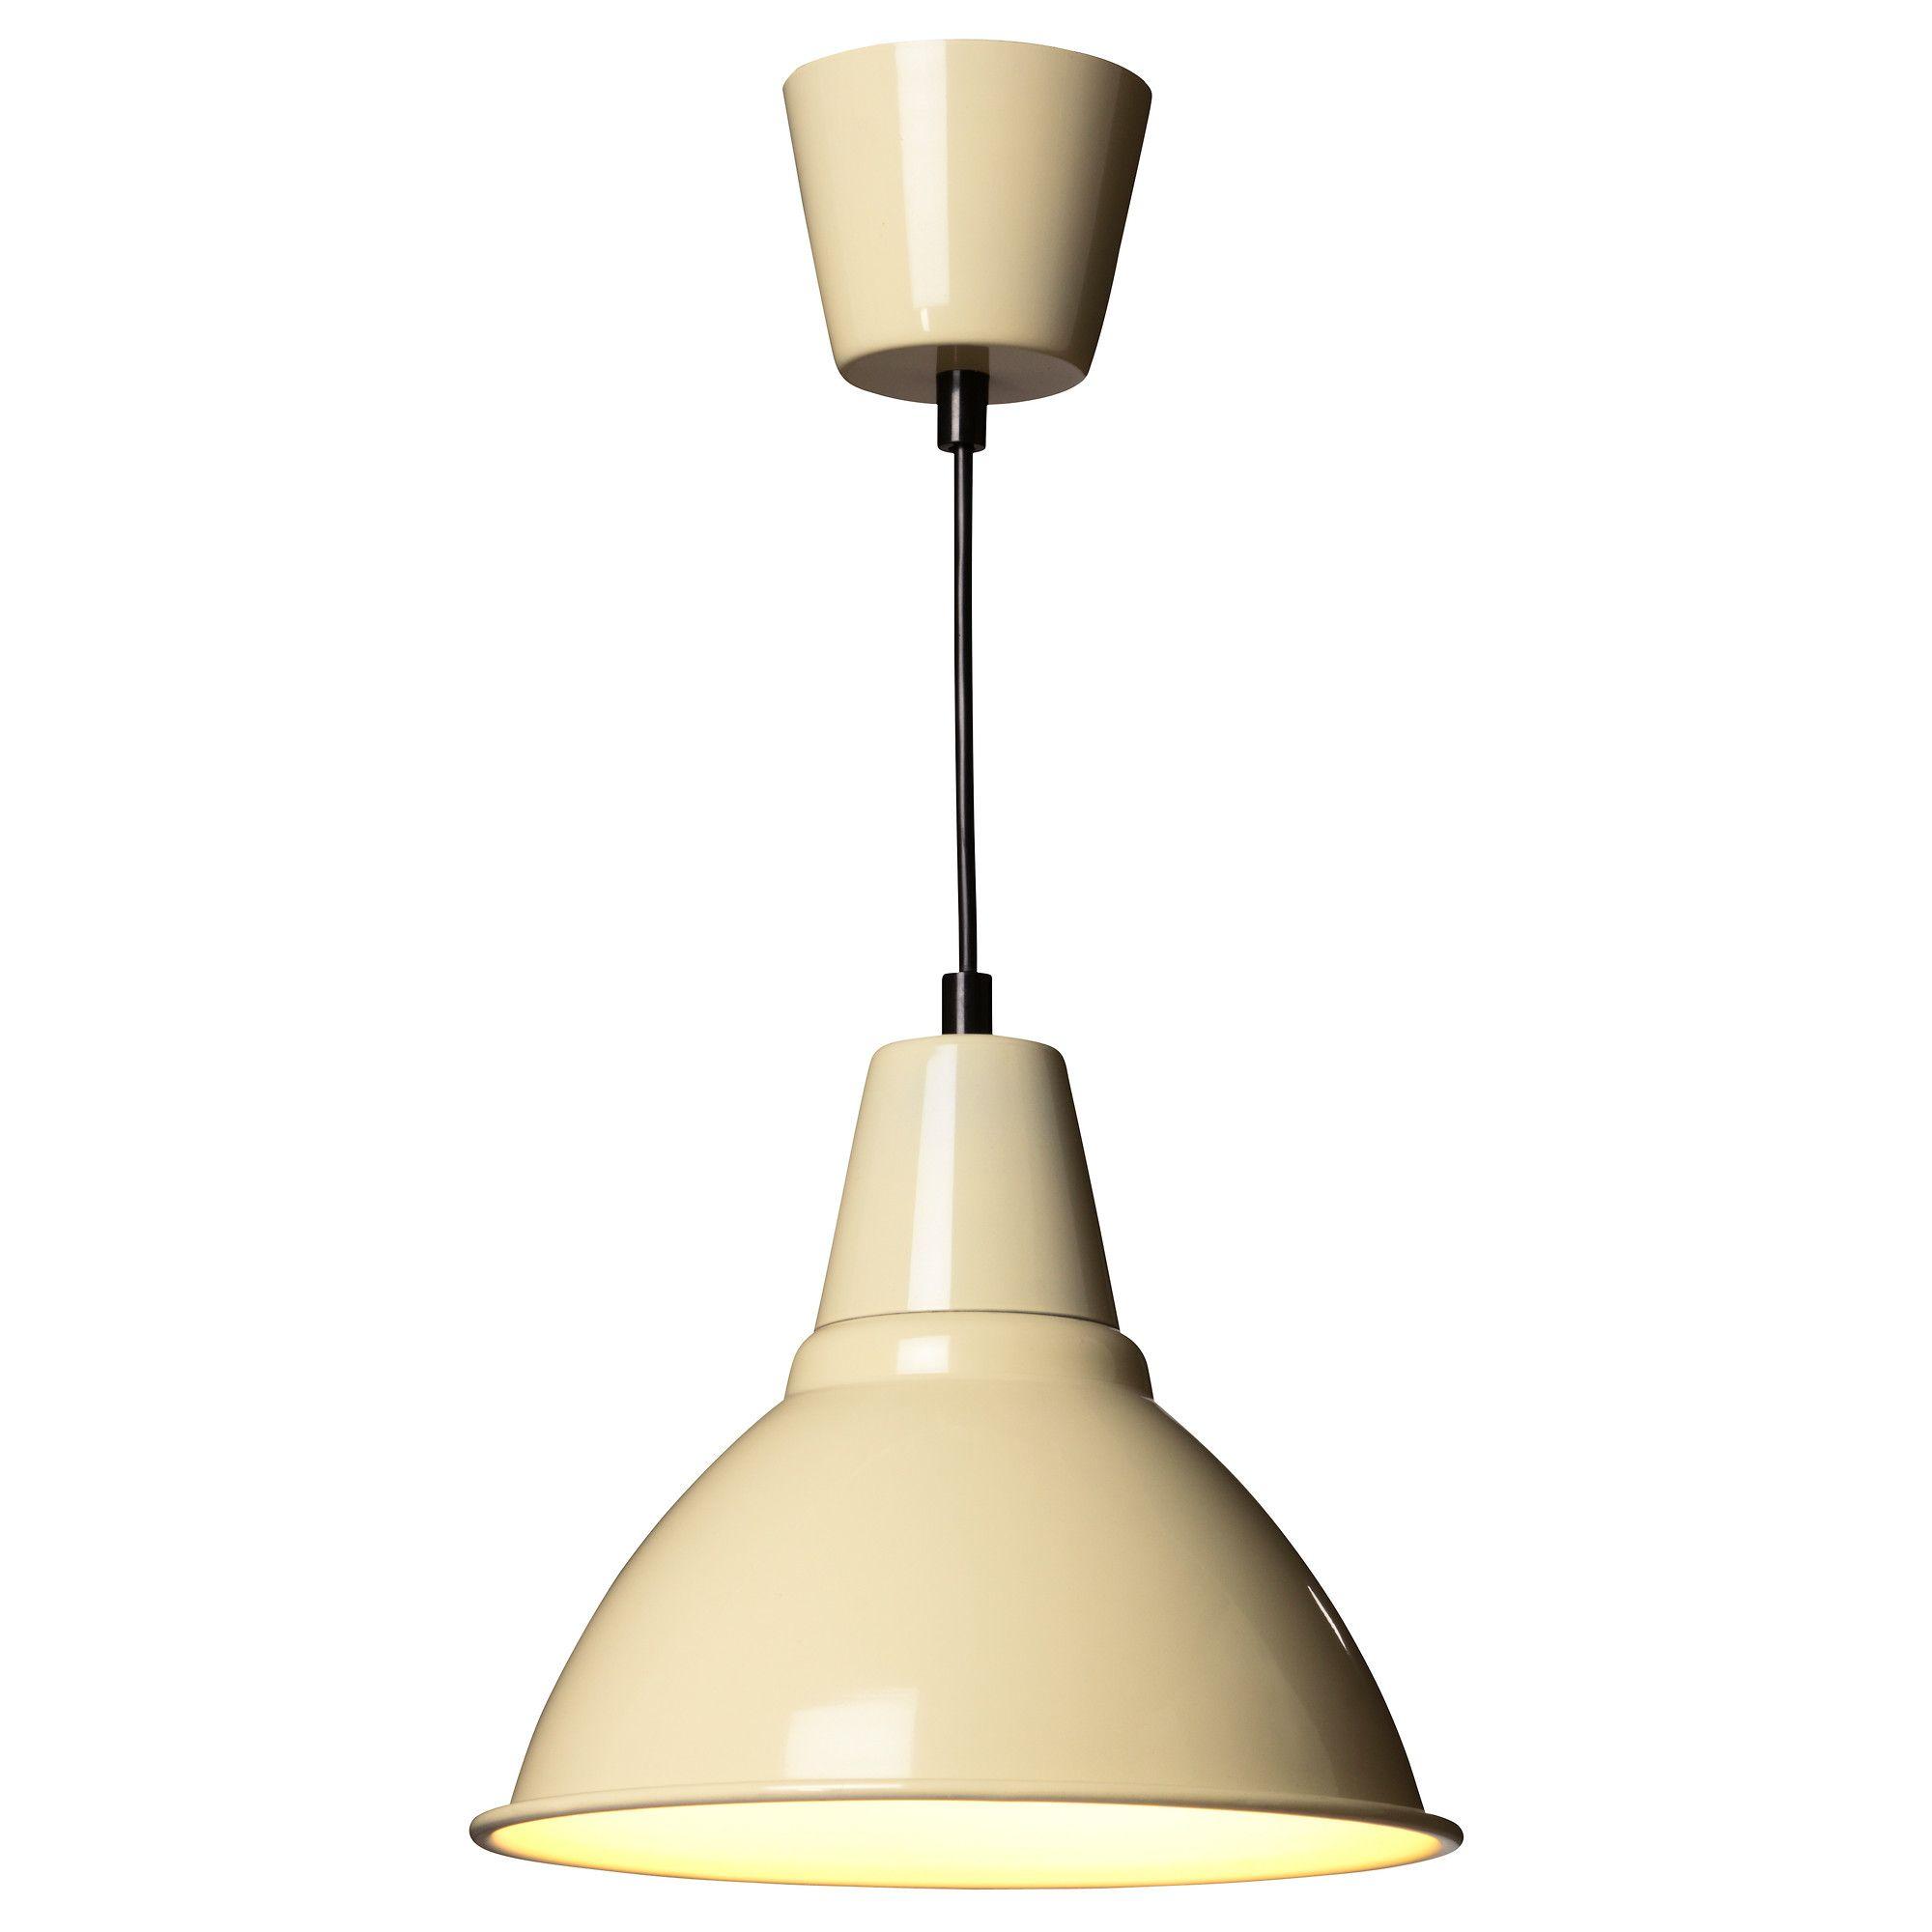 Lampade da soffitto ikea blocco lampada da soffitto ikea for Ikea lampade da soffitto